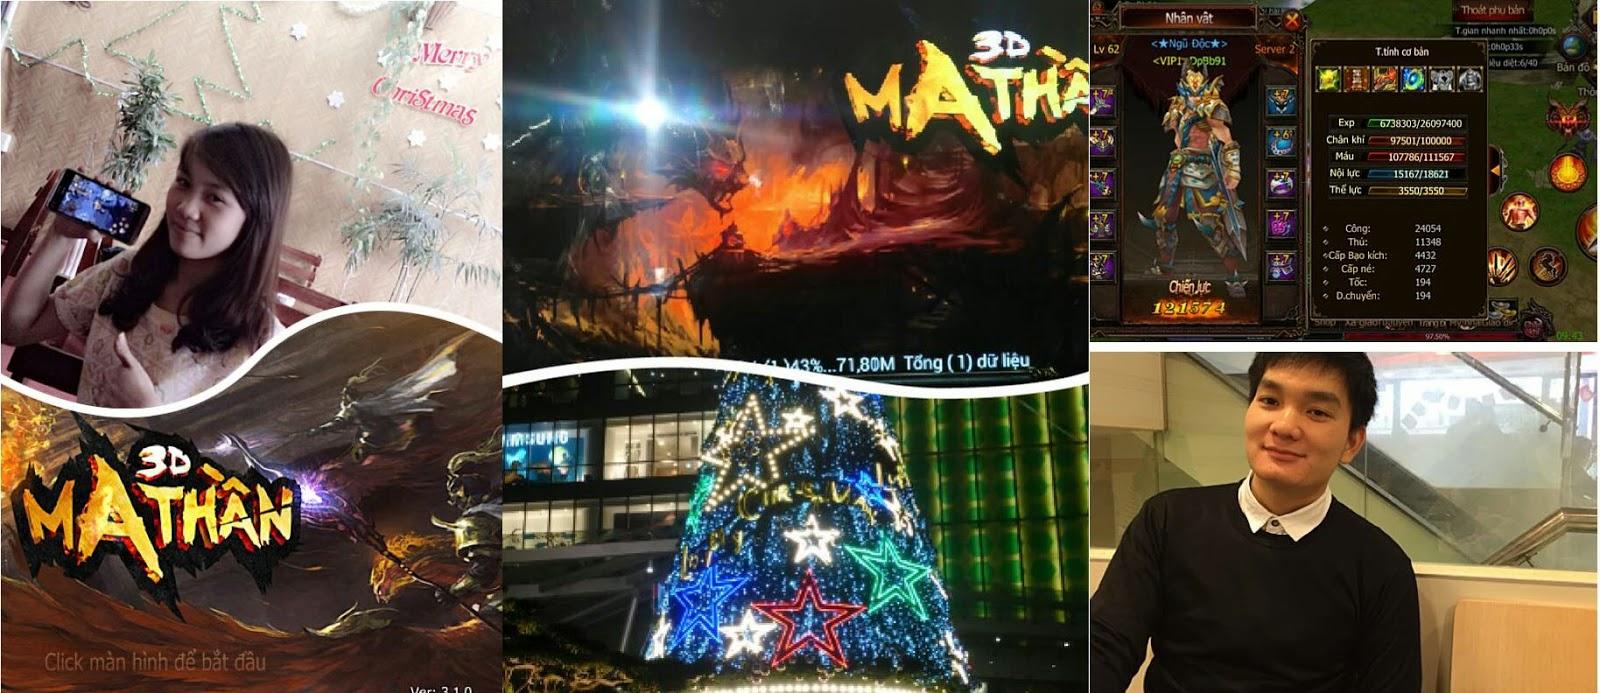 Ma Thần 3D tặng Giftcode mùa giáng sinh